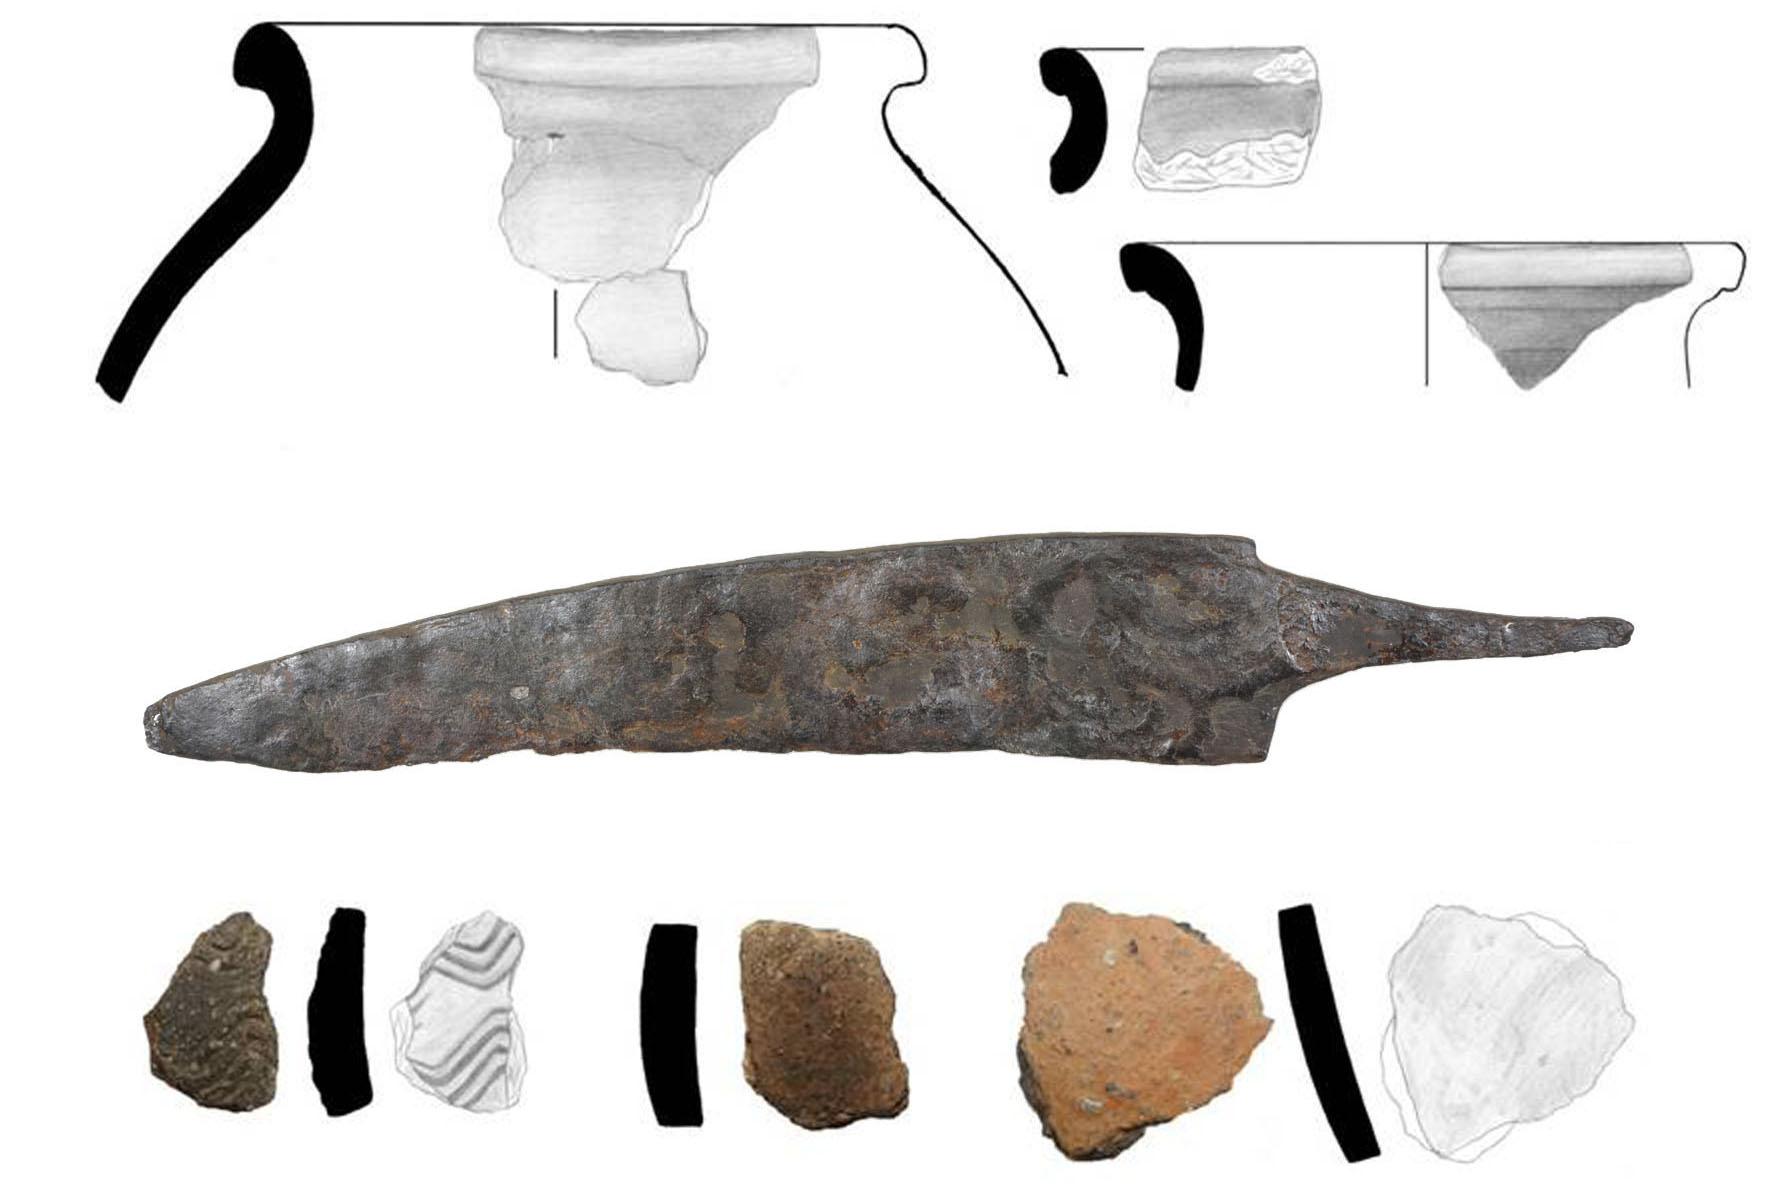 Fundzeichnungen und -fotos von Keramikscherben und Eisenmesser